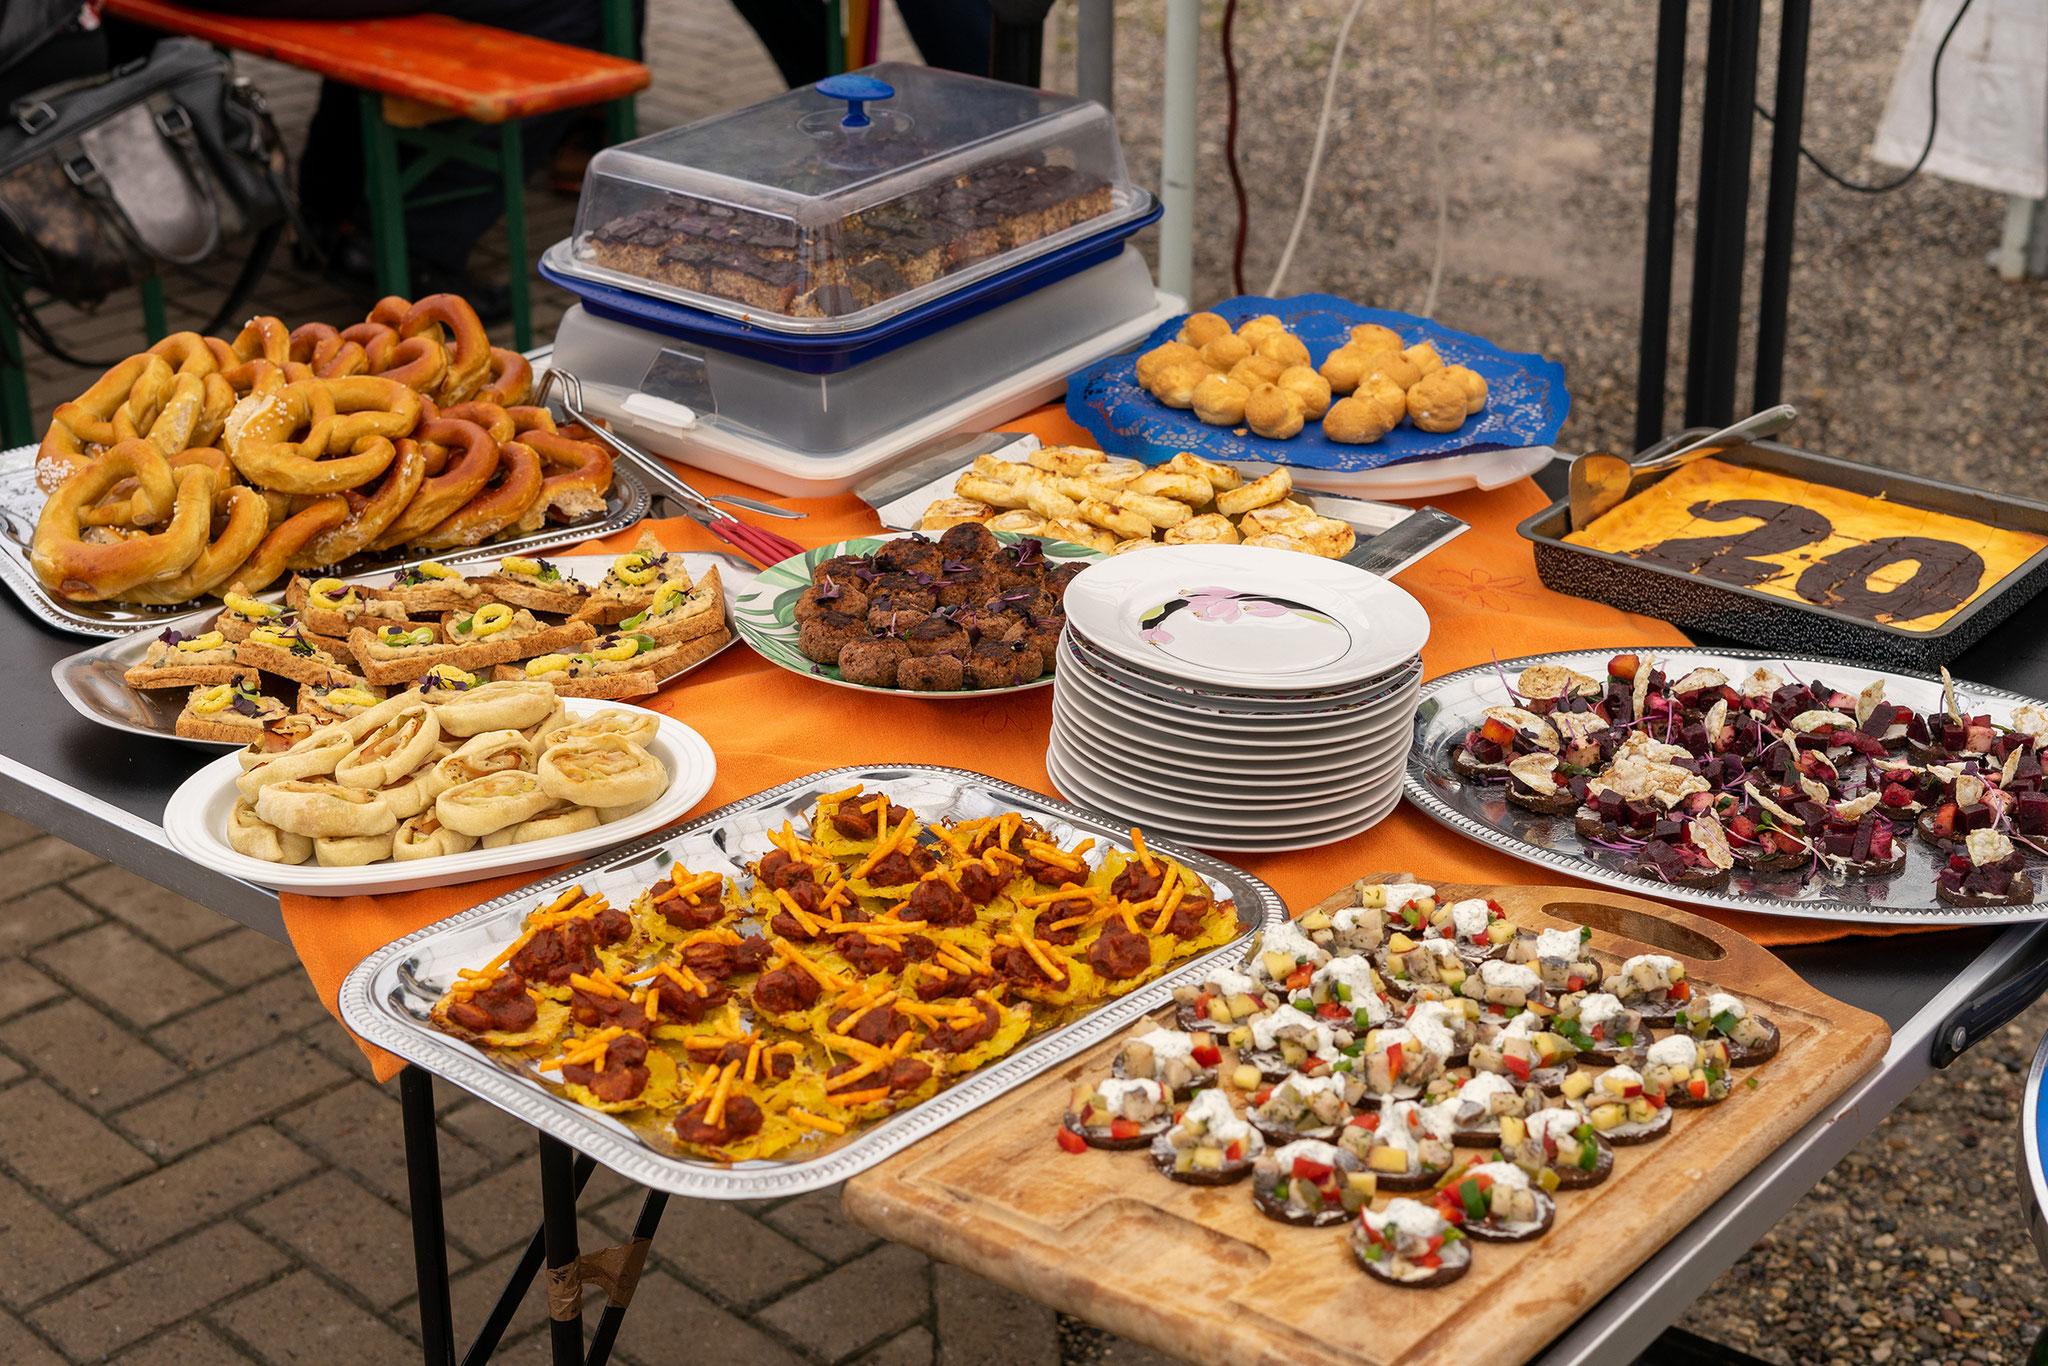 30.8.21, Sommerfest der Kulturen, Nordstemmen. Foto: F. Preuschoft